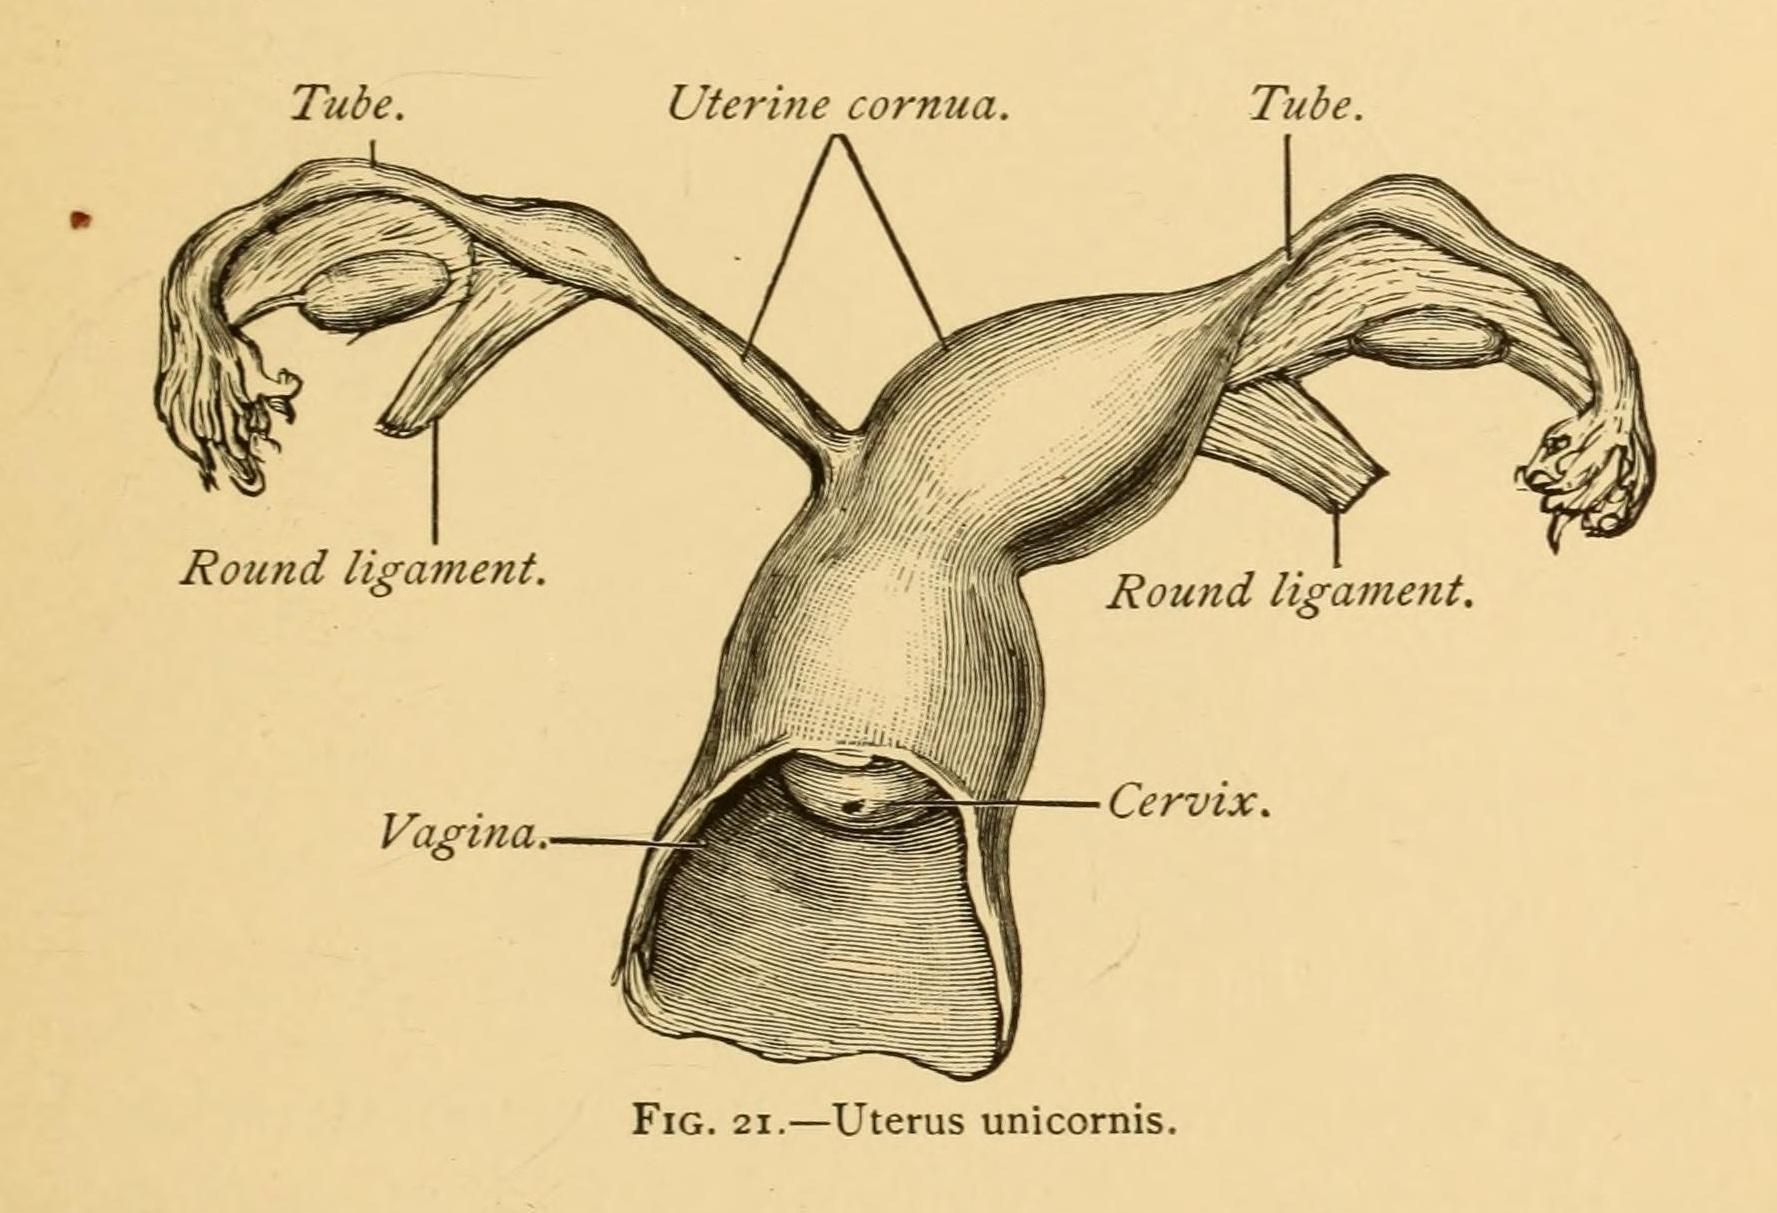 uterus unicornis